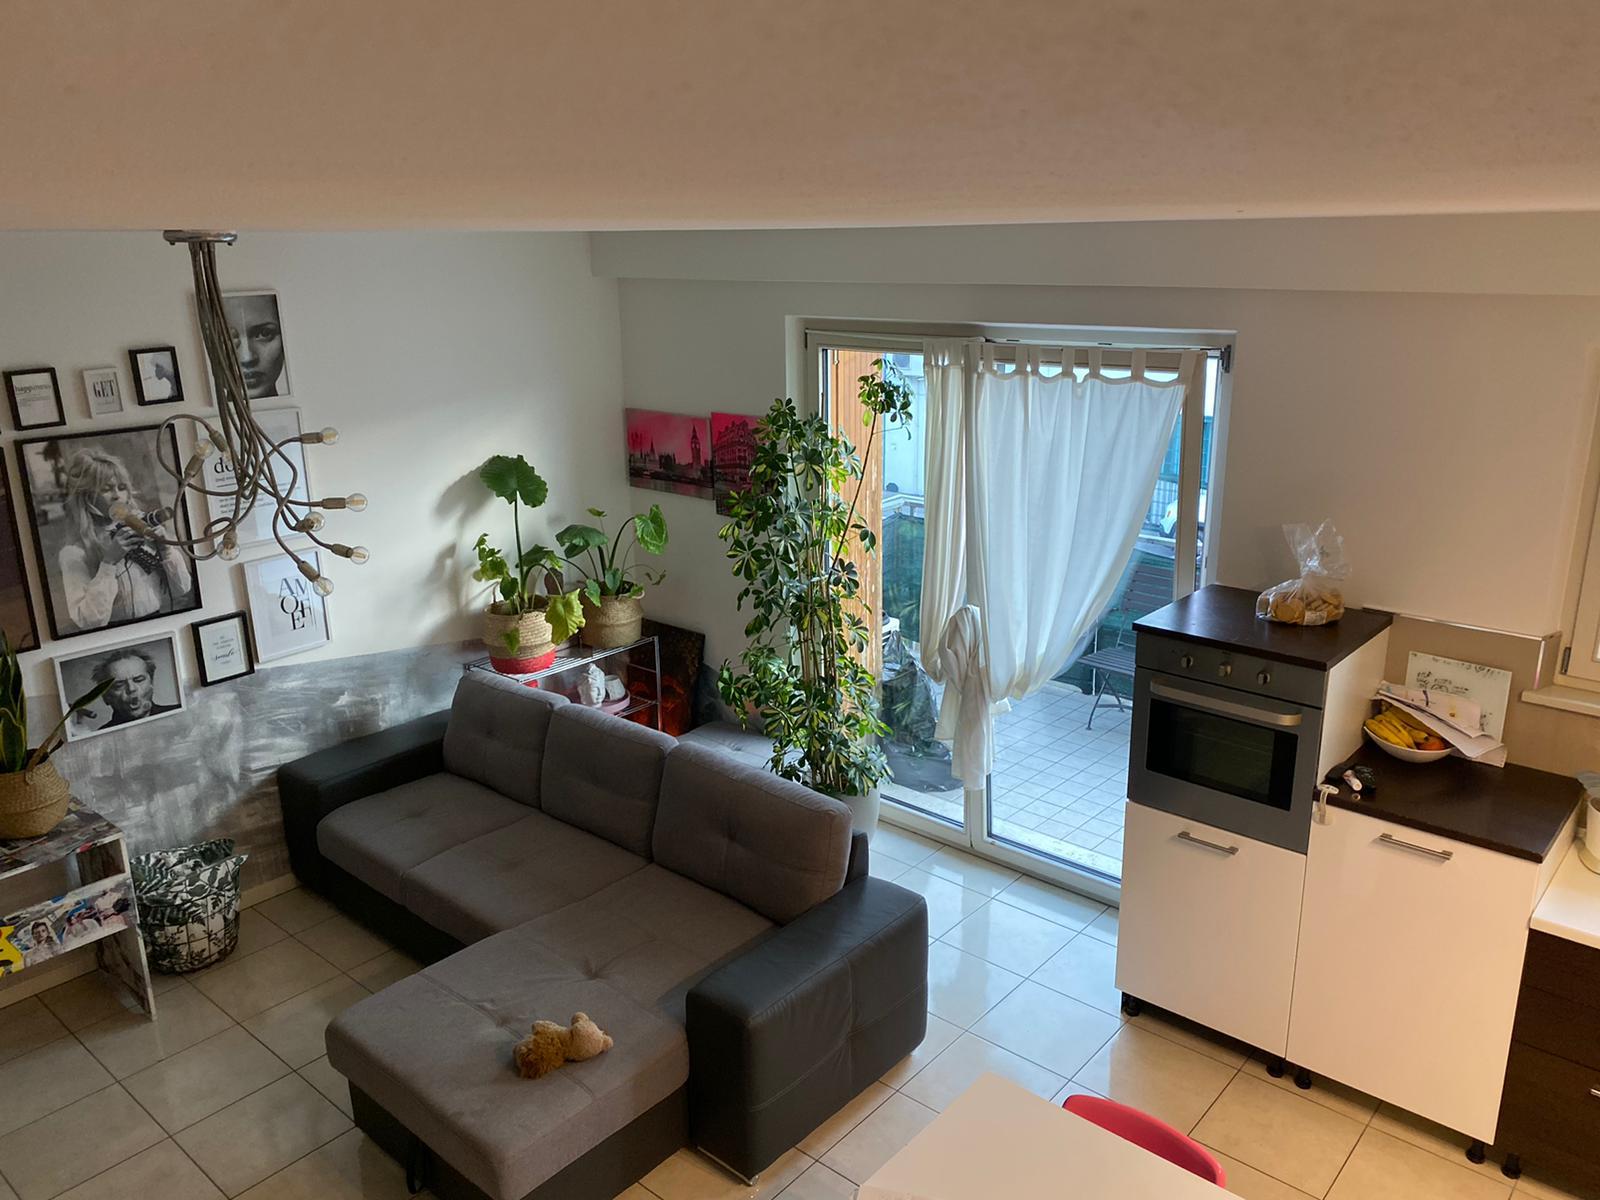 Vendita appartamento C083 ULTIMO PIANO SAN GIOVANNI LUPATOTO